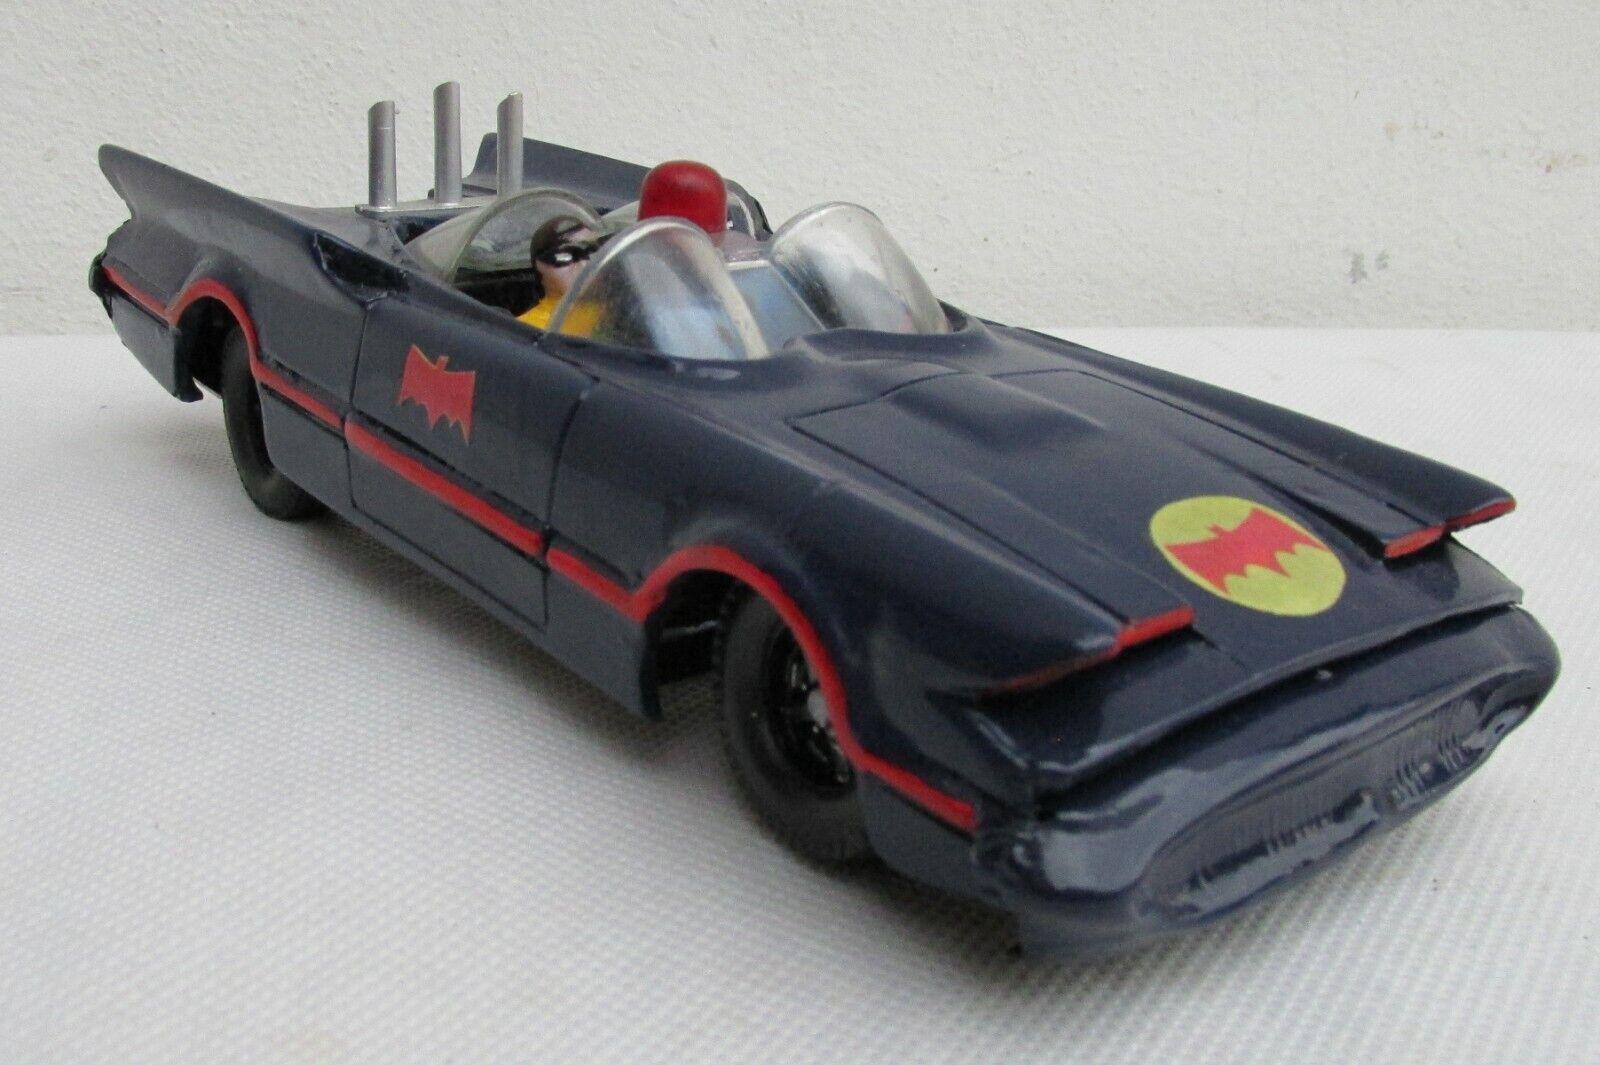 Muy Bonito feo Azul Batimóvil réplica de auto, Batman y Robin, totalmente nuevo, Muy Buena